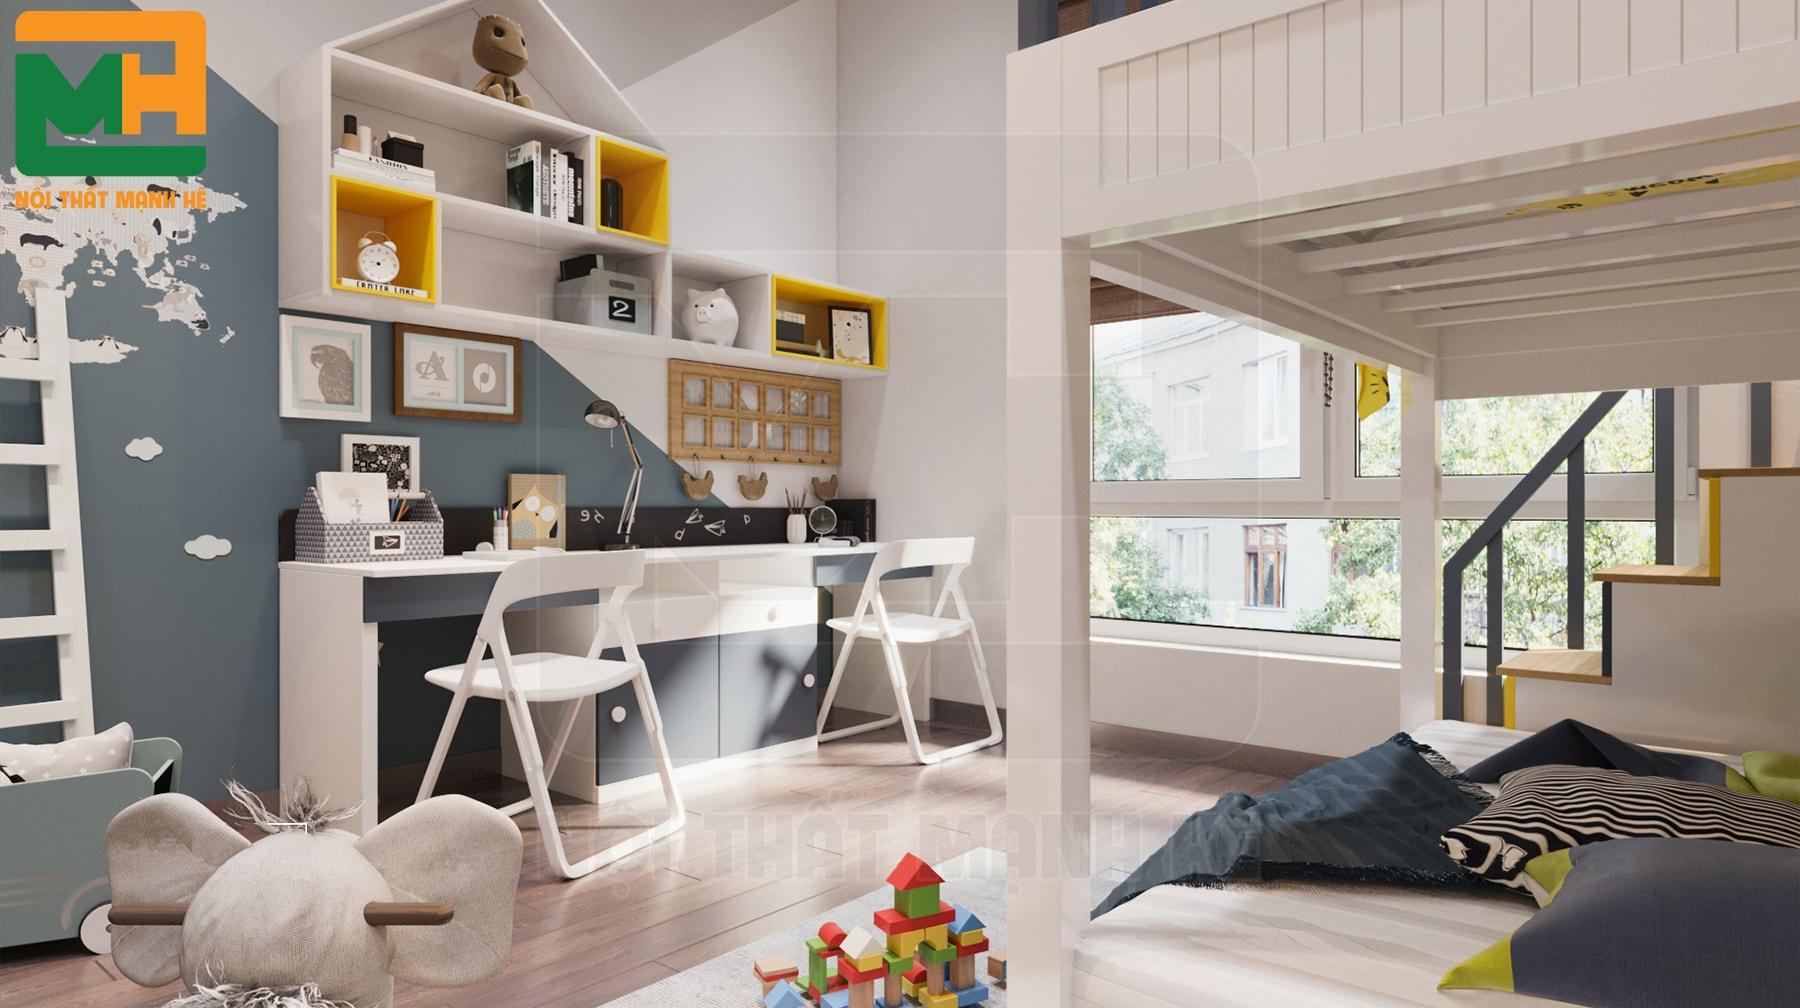 thiết kế nội thất phòng ngủ 2 bé trai